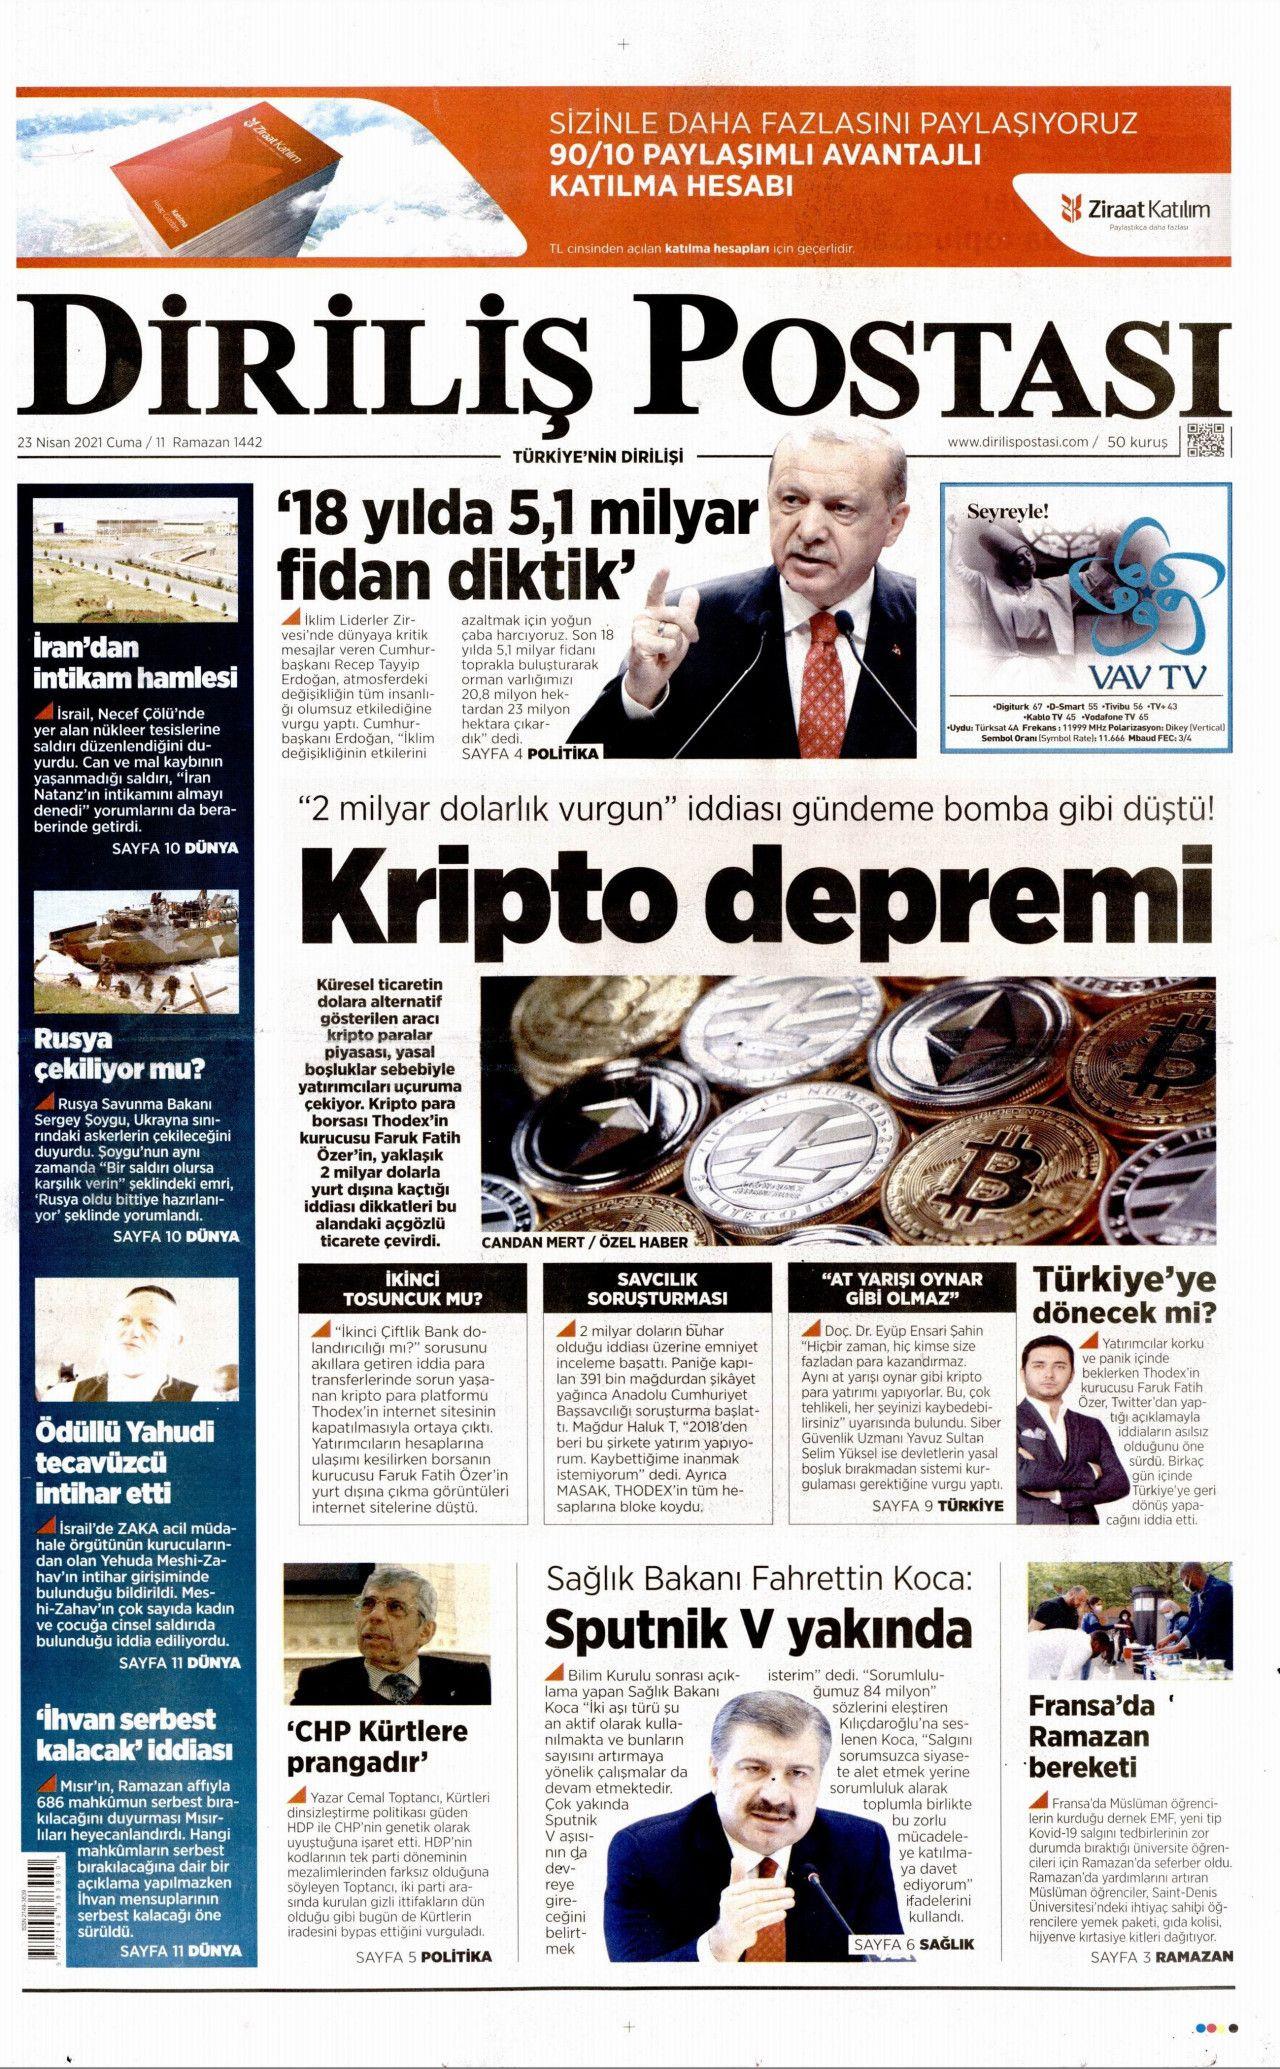 İşte 23 Nisan'da 23 Nisan'ı unutan gazeteler! - Resim: 2